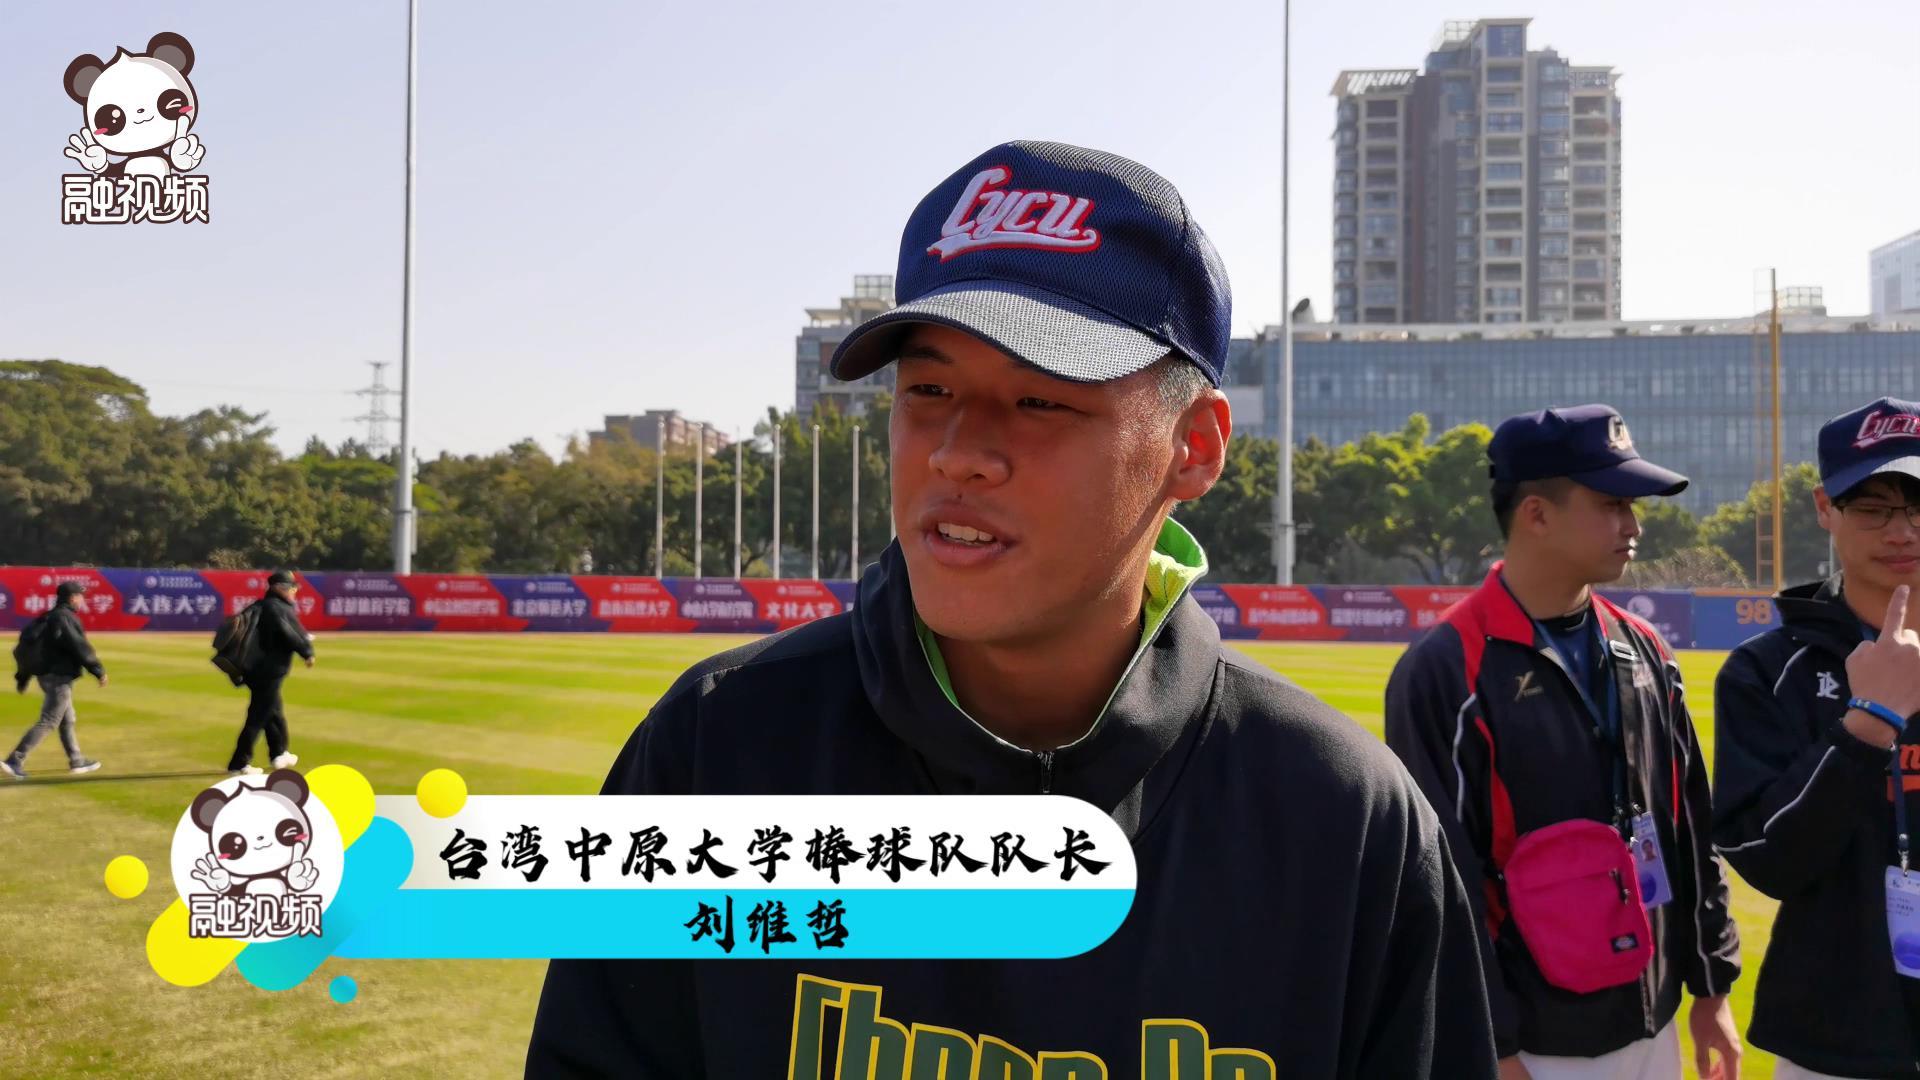 臺灣中原大學賽事目標:勇爭前二圖片